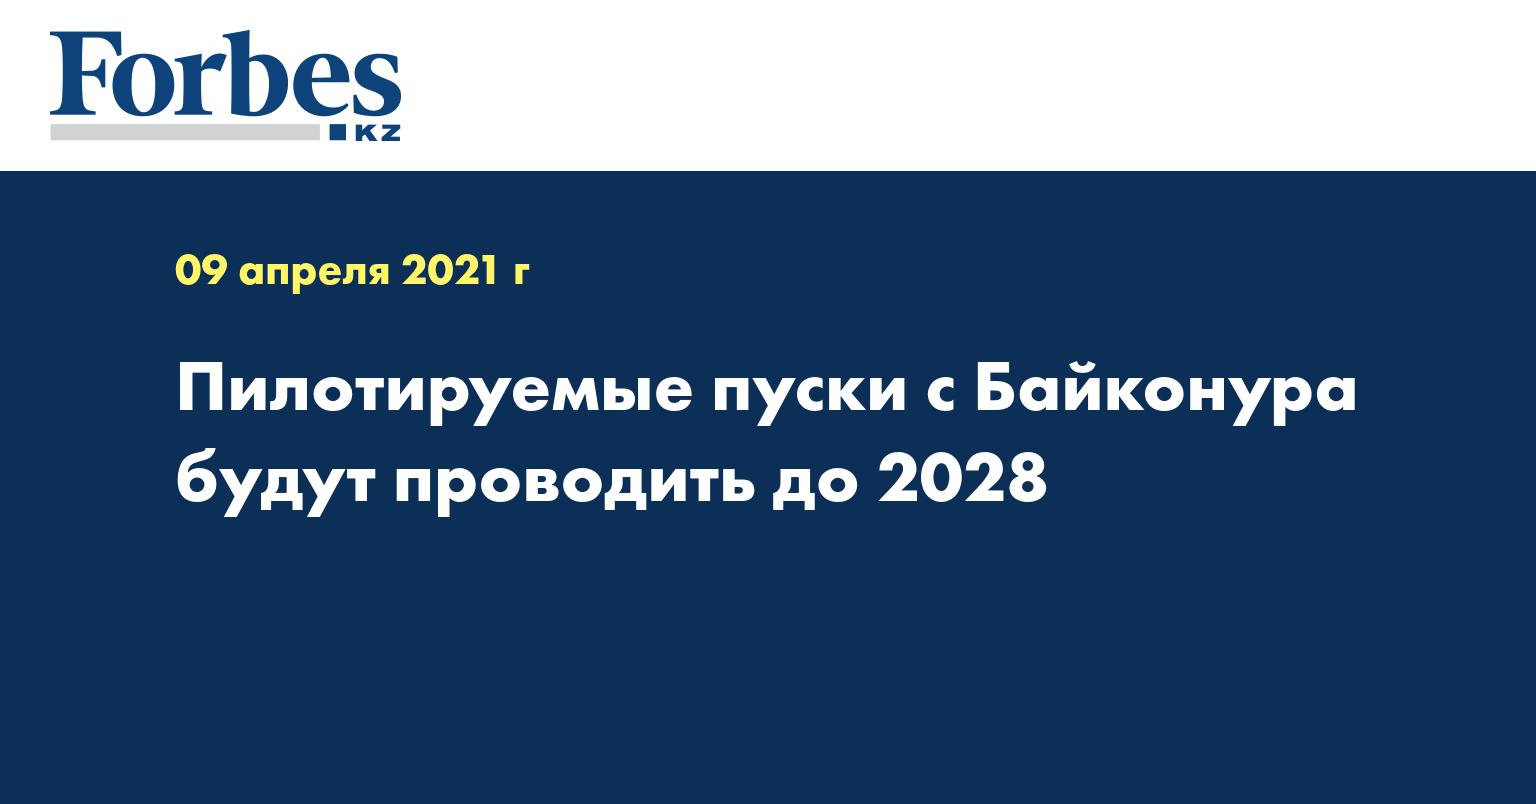 Пилотируемые пуски с Байконура будут проводить до 2028